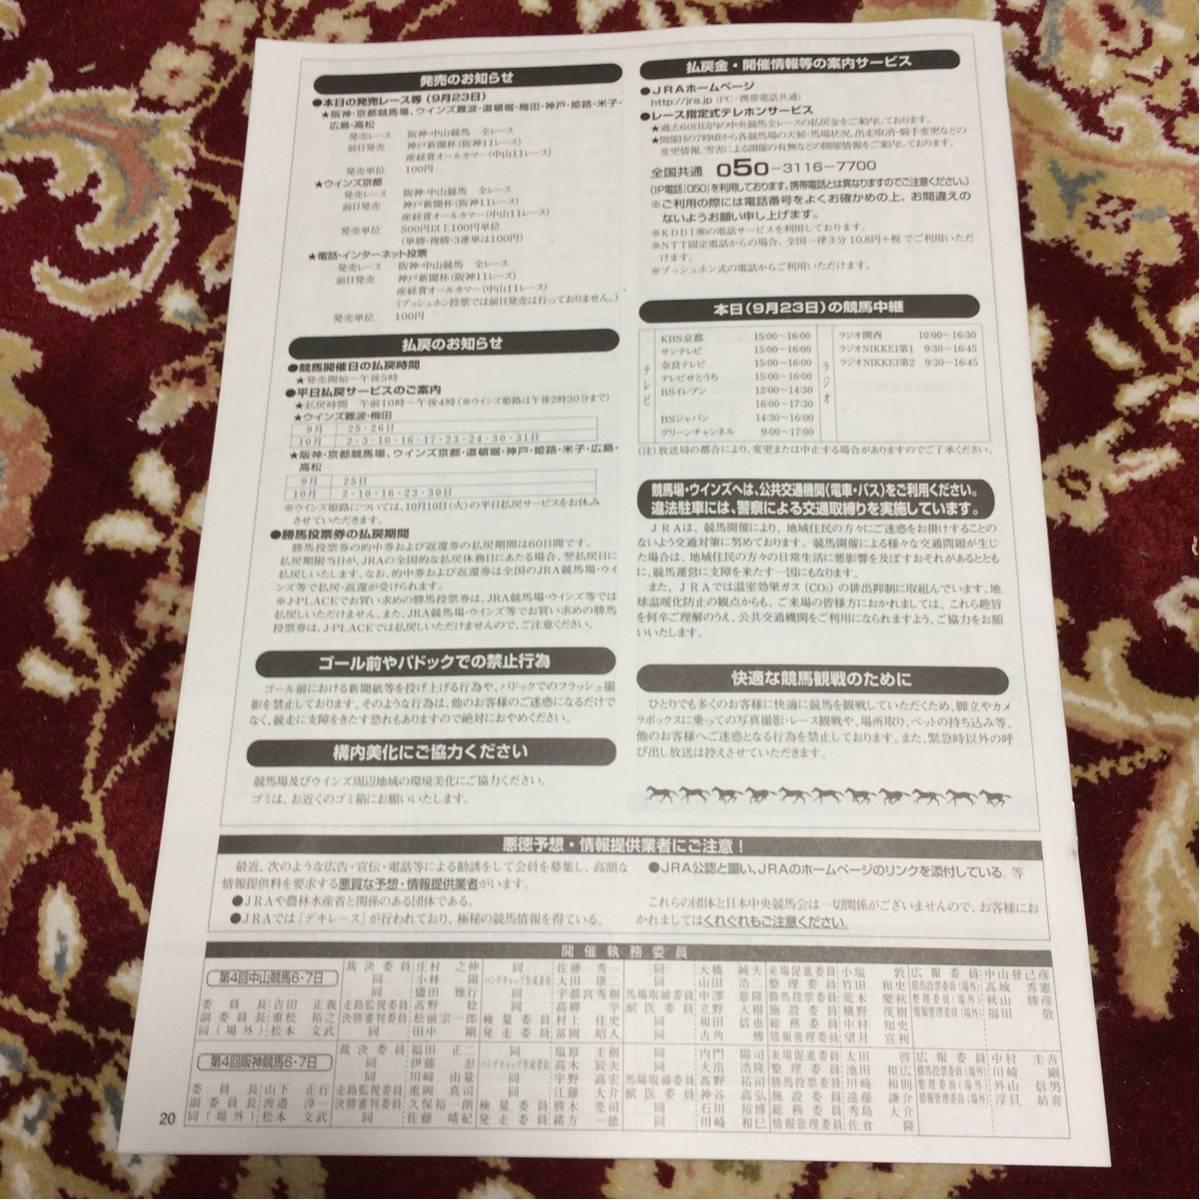 JRAレーシングプログラム2017.9月23日(祝・土)セプテンバーステークス、大阪スポーツ杯_画像2